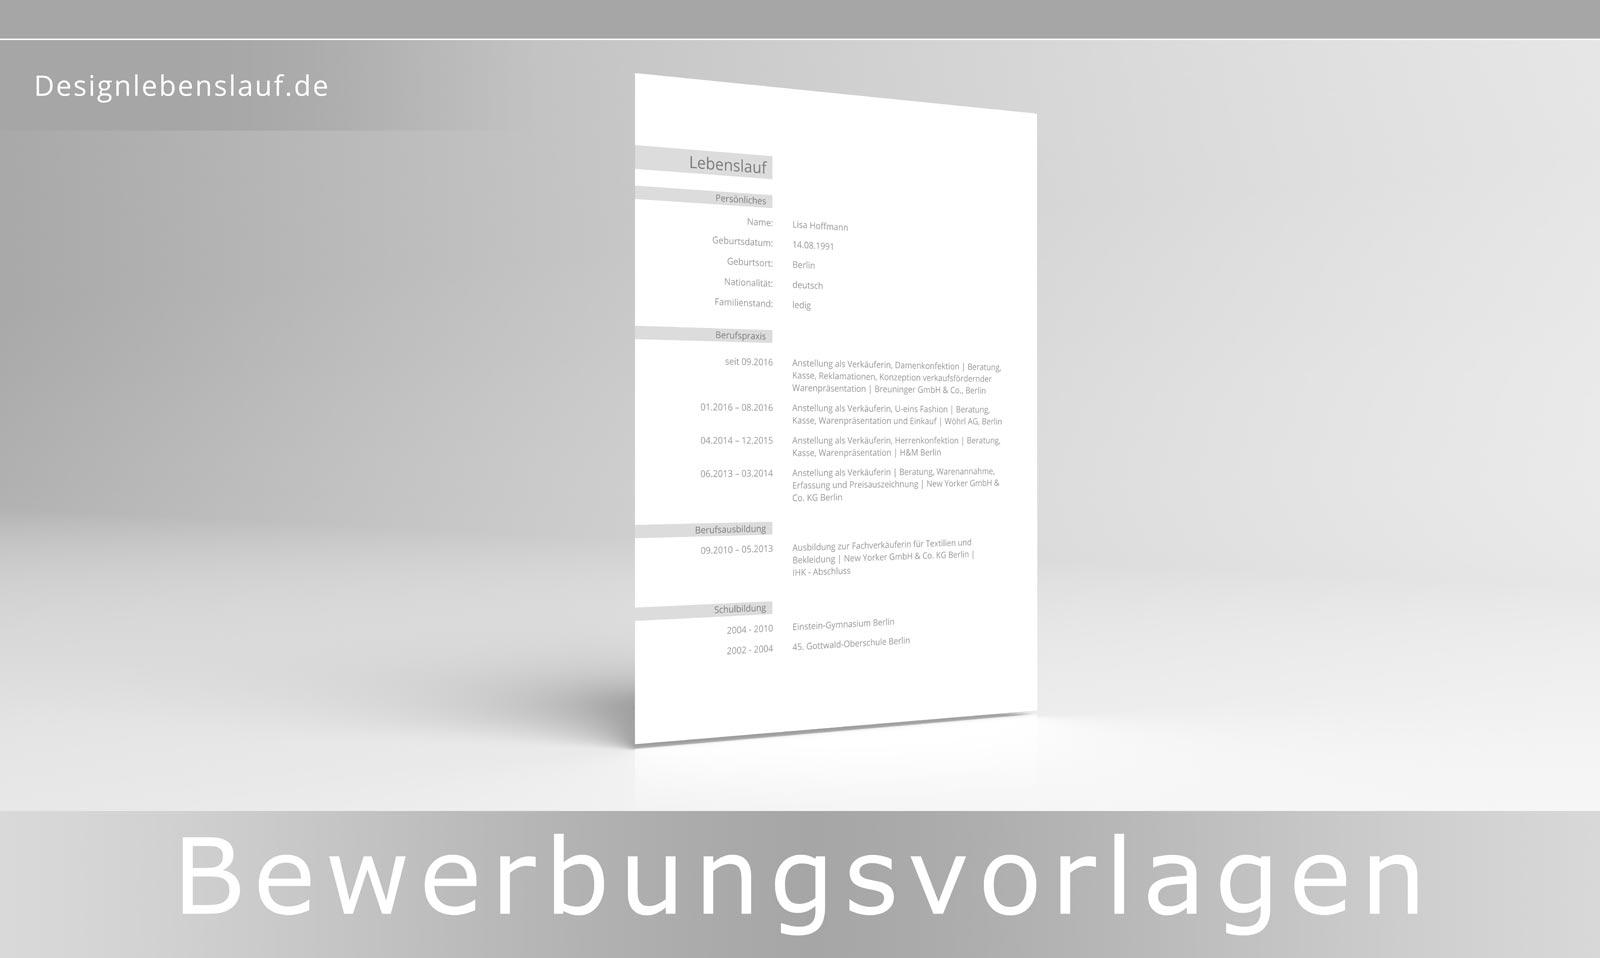 bewerbungsbrief beispiele bewerbung 1. seite bewerbung im oeffentlichen  dienst muster ...